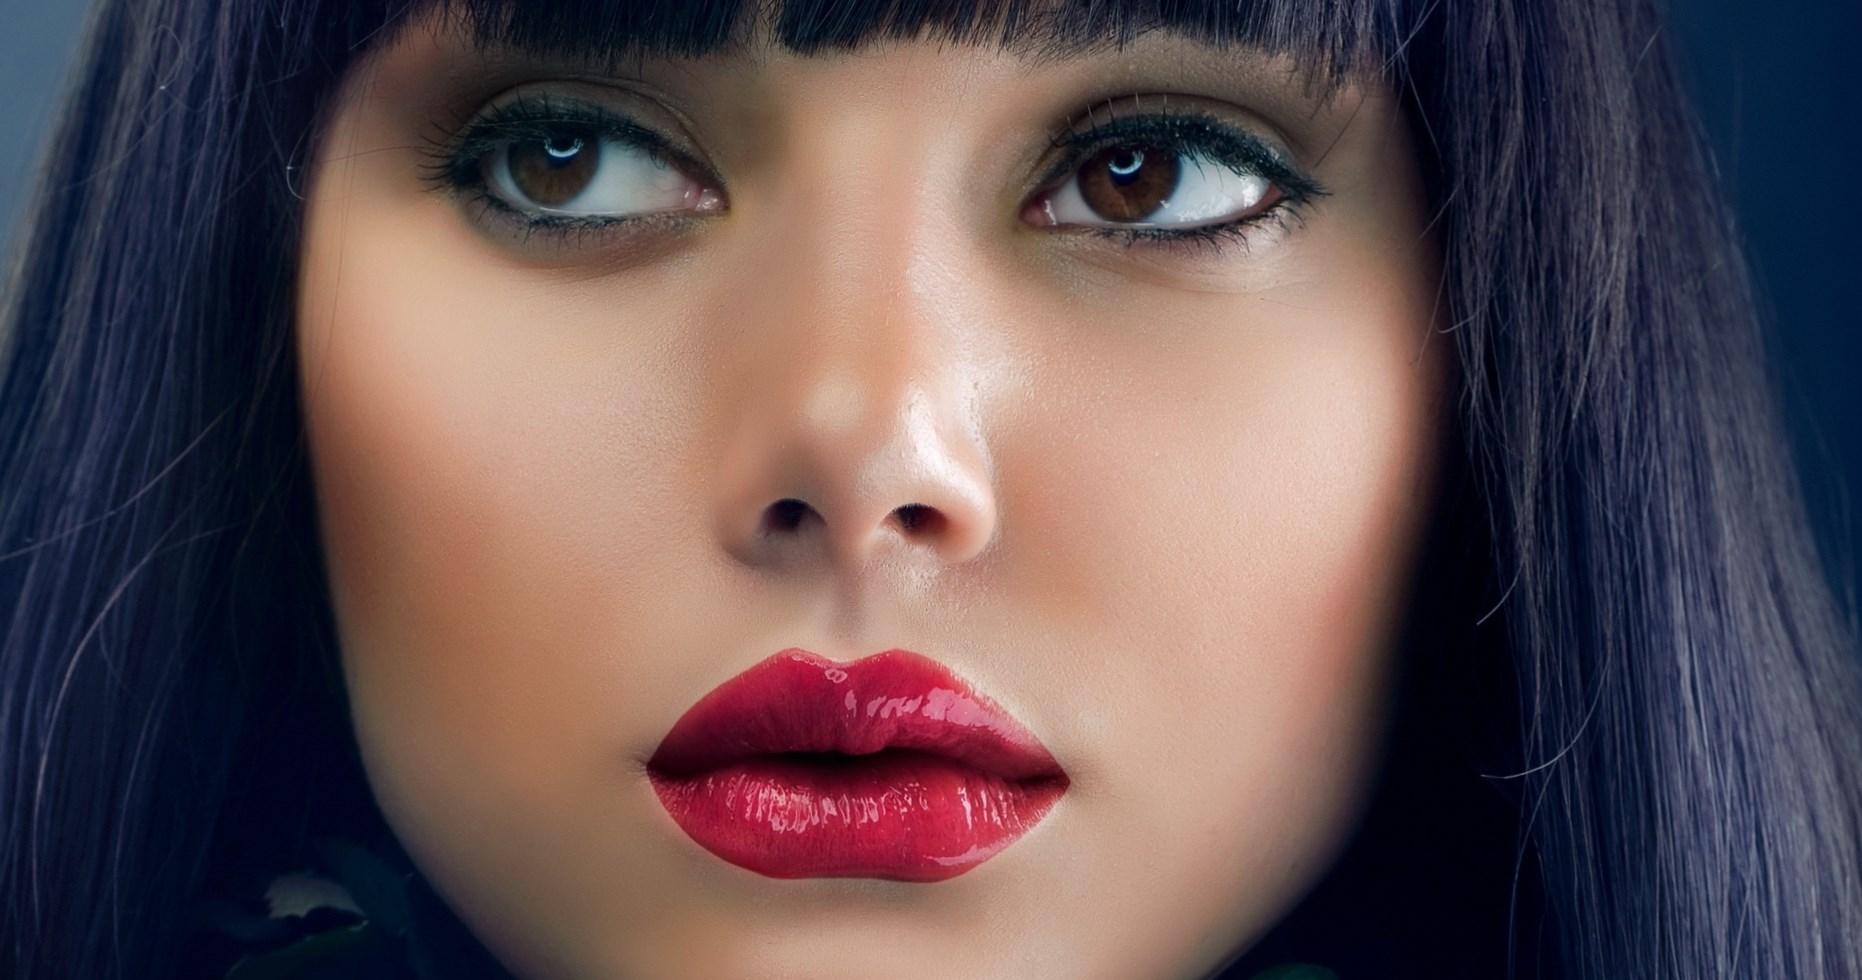 Красивые картинки девушек губы